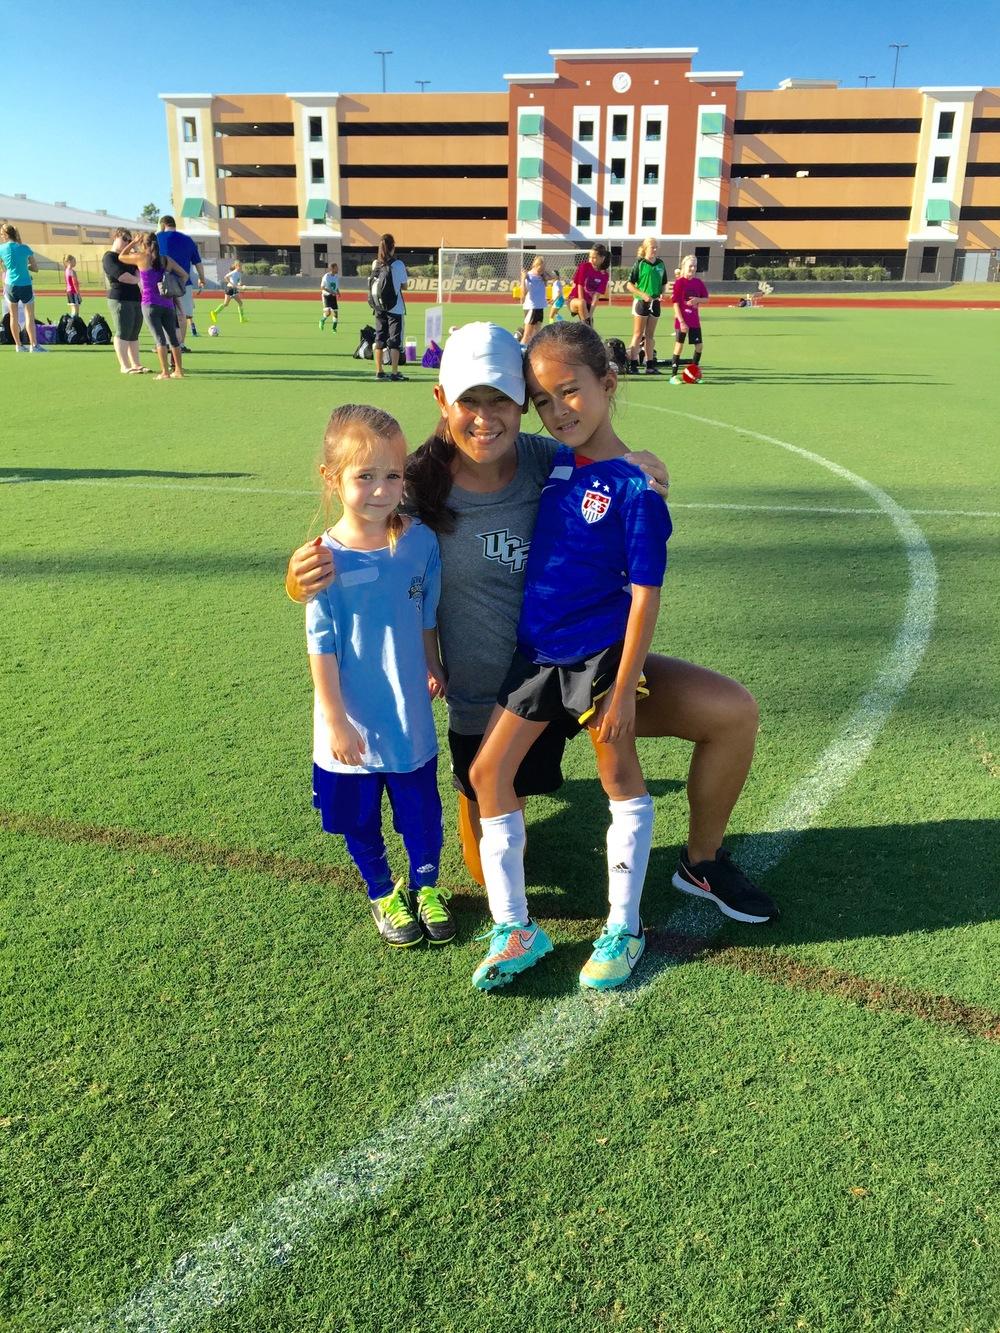 Tiffany com as filhas Layla (7) e Evie (5) no acampamento de futebol que ela gerencia na University of Central Florida e que contou com 150 meninas.